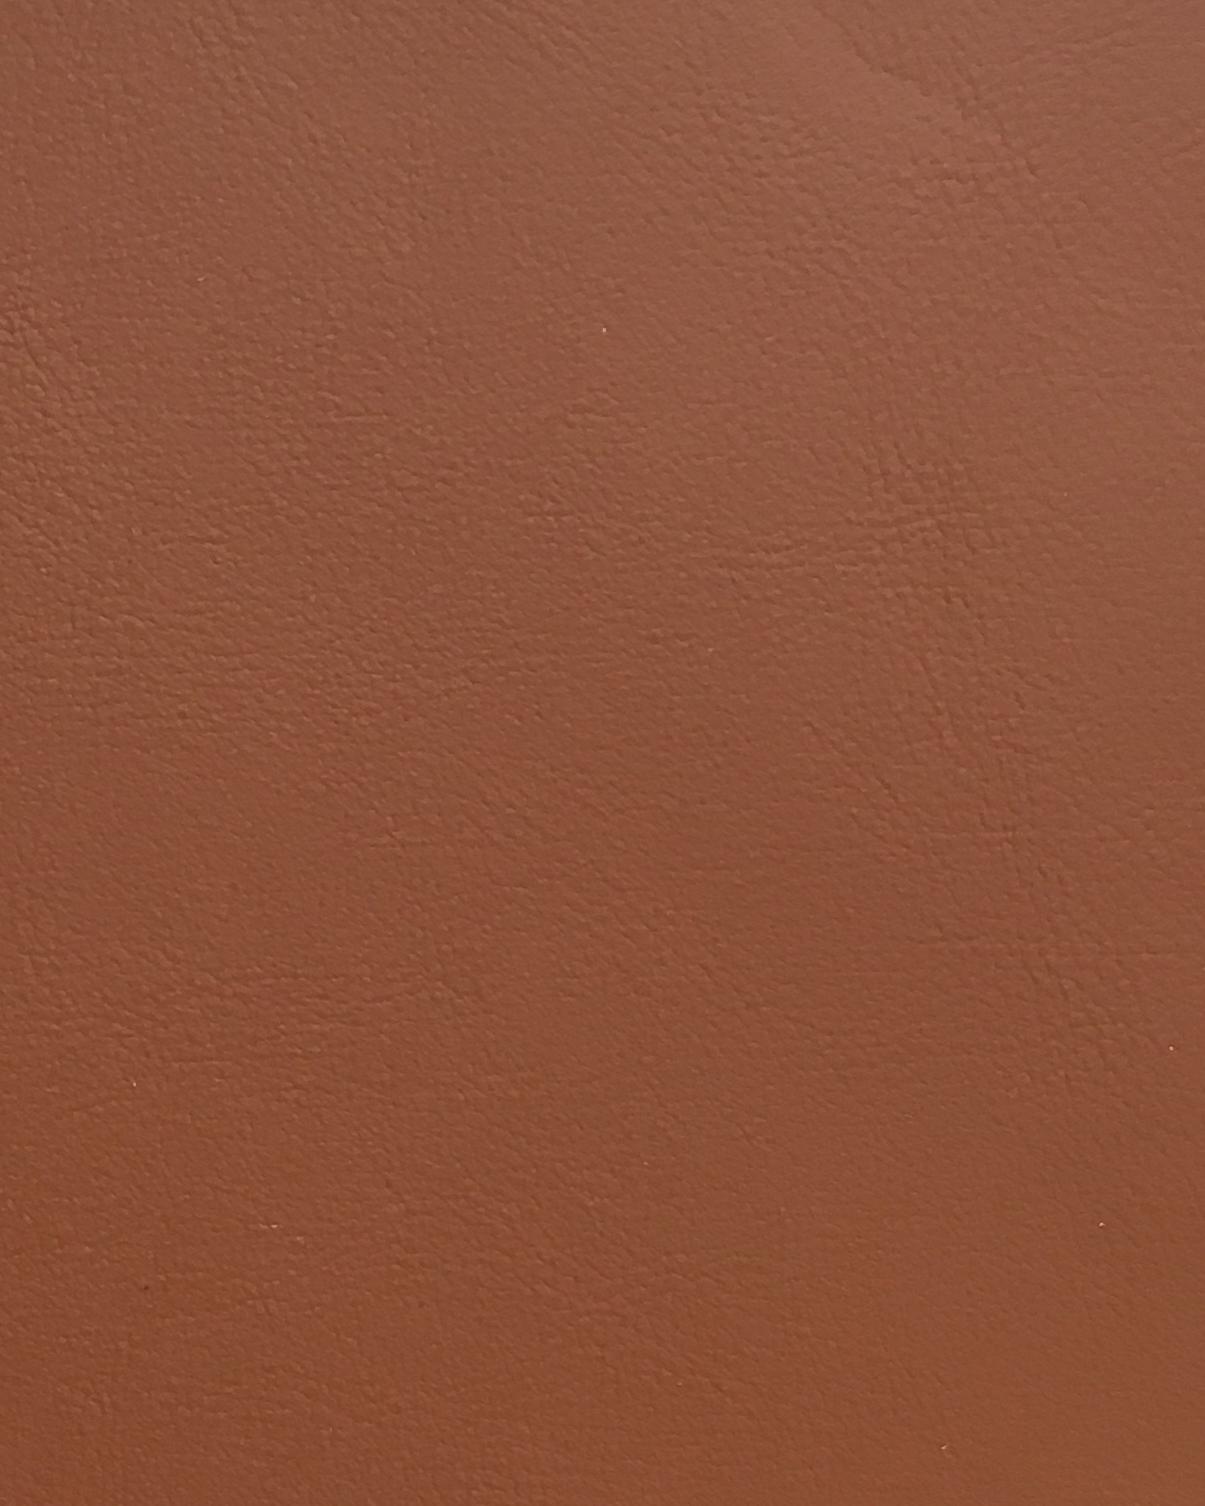 纳帕配皮系列-棕